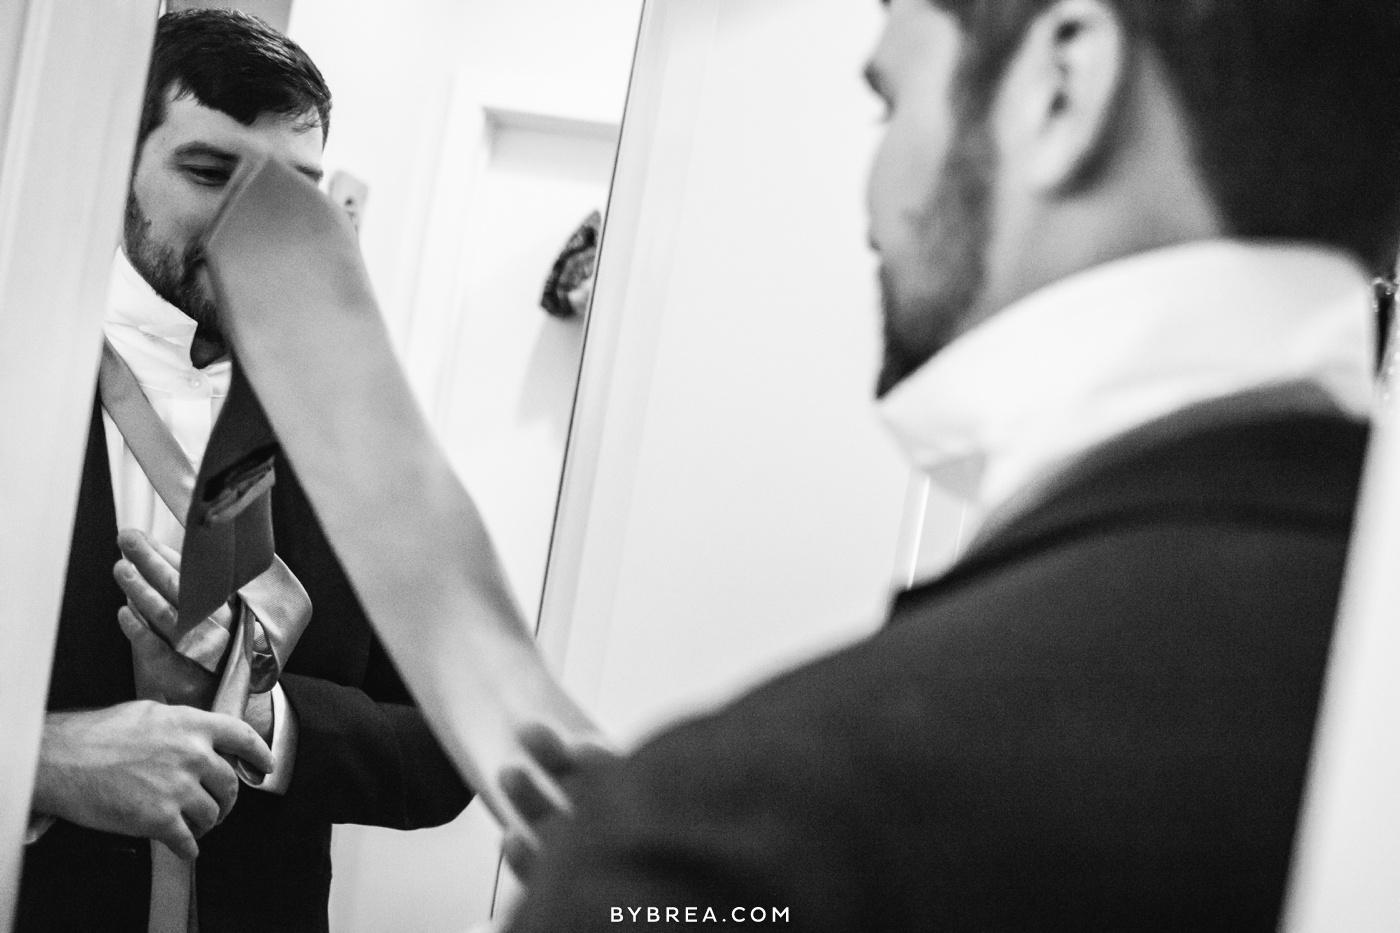 George Peabody Library wedding photo groom fastening tie